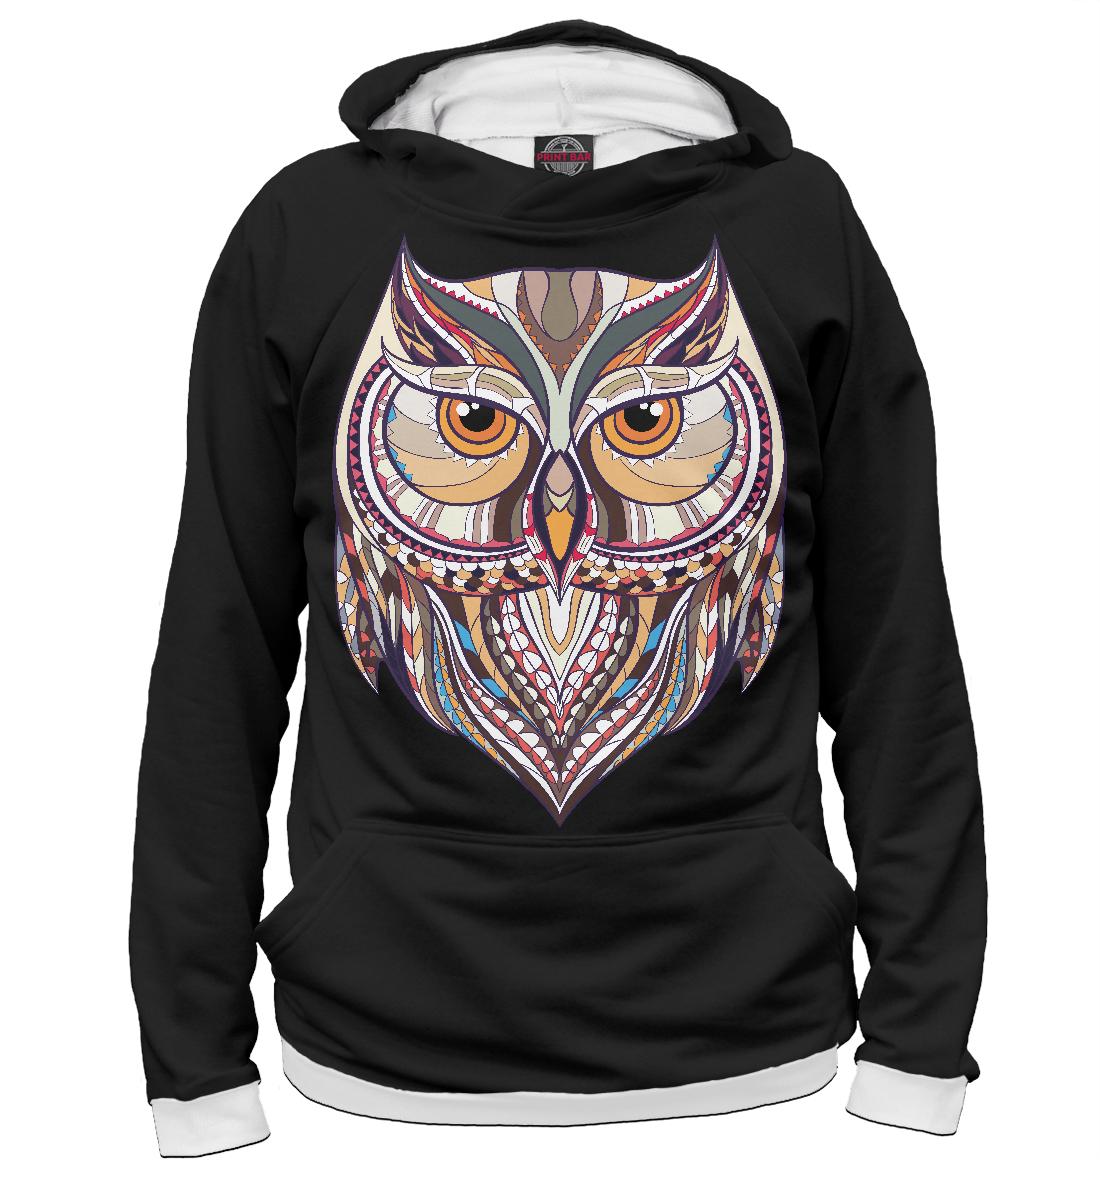 Купить Сова, Printbar, Худи, OWL-165602-hud-1